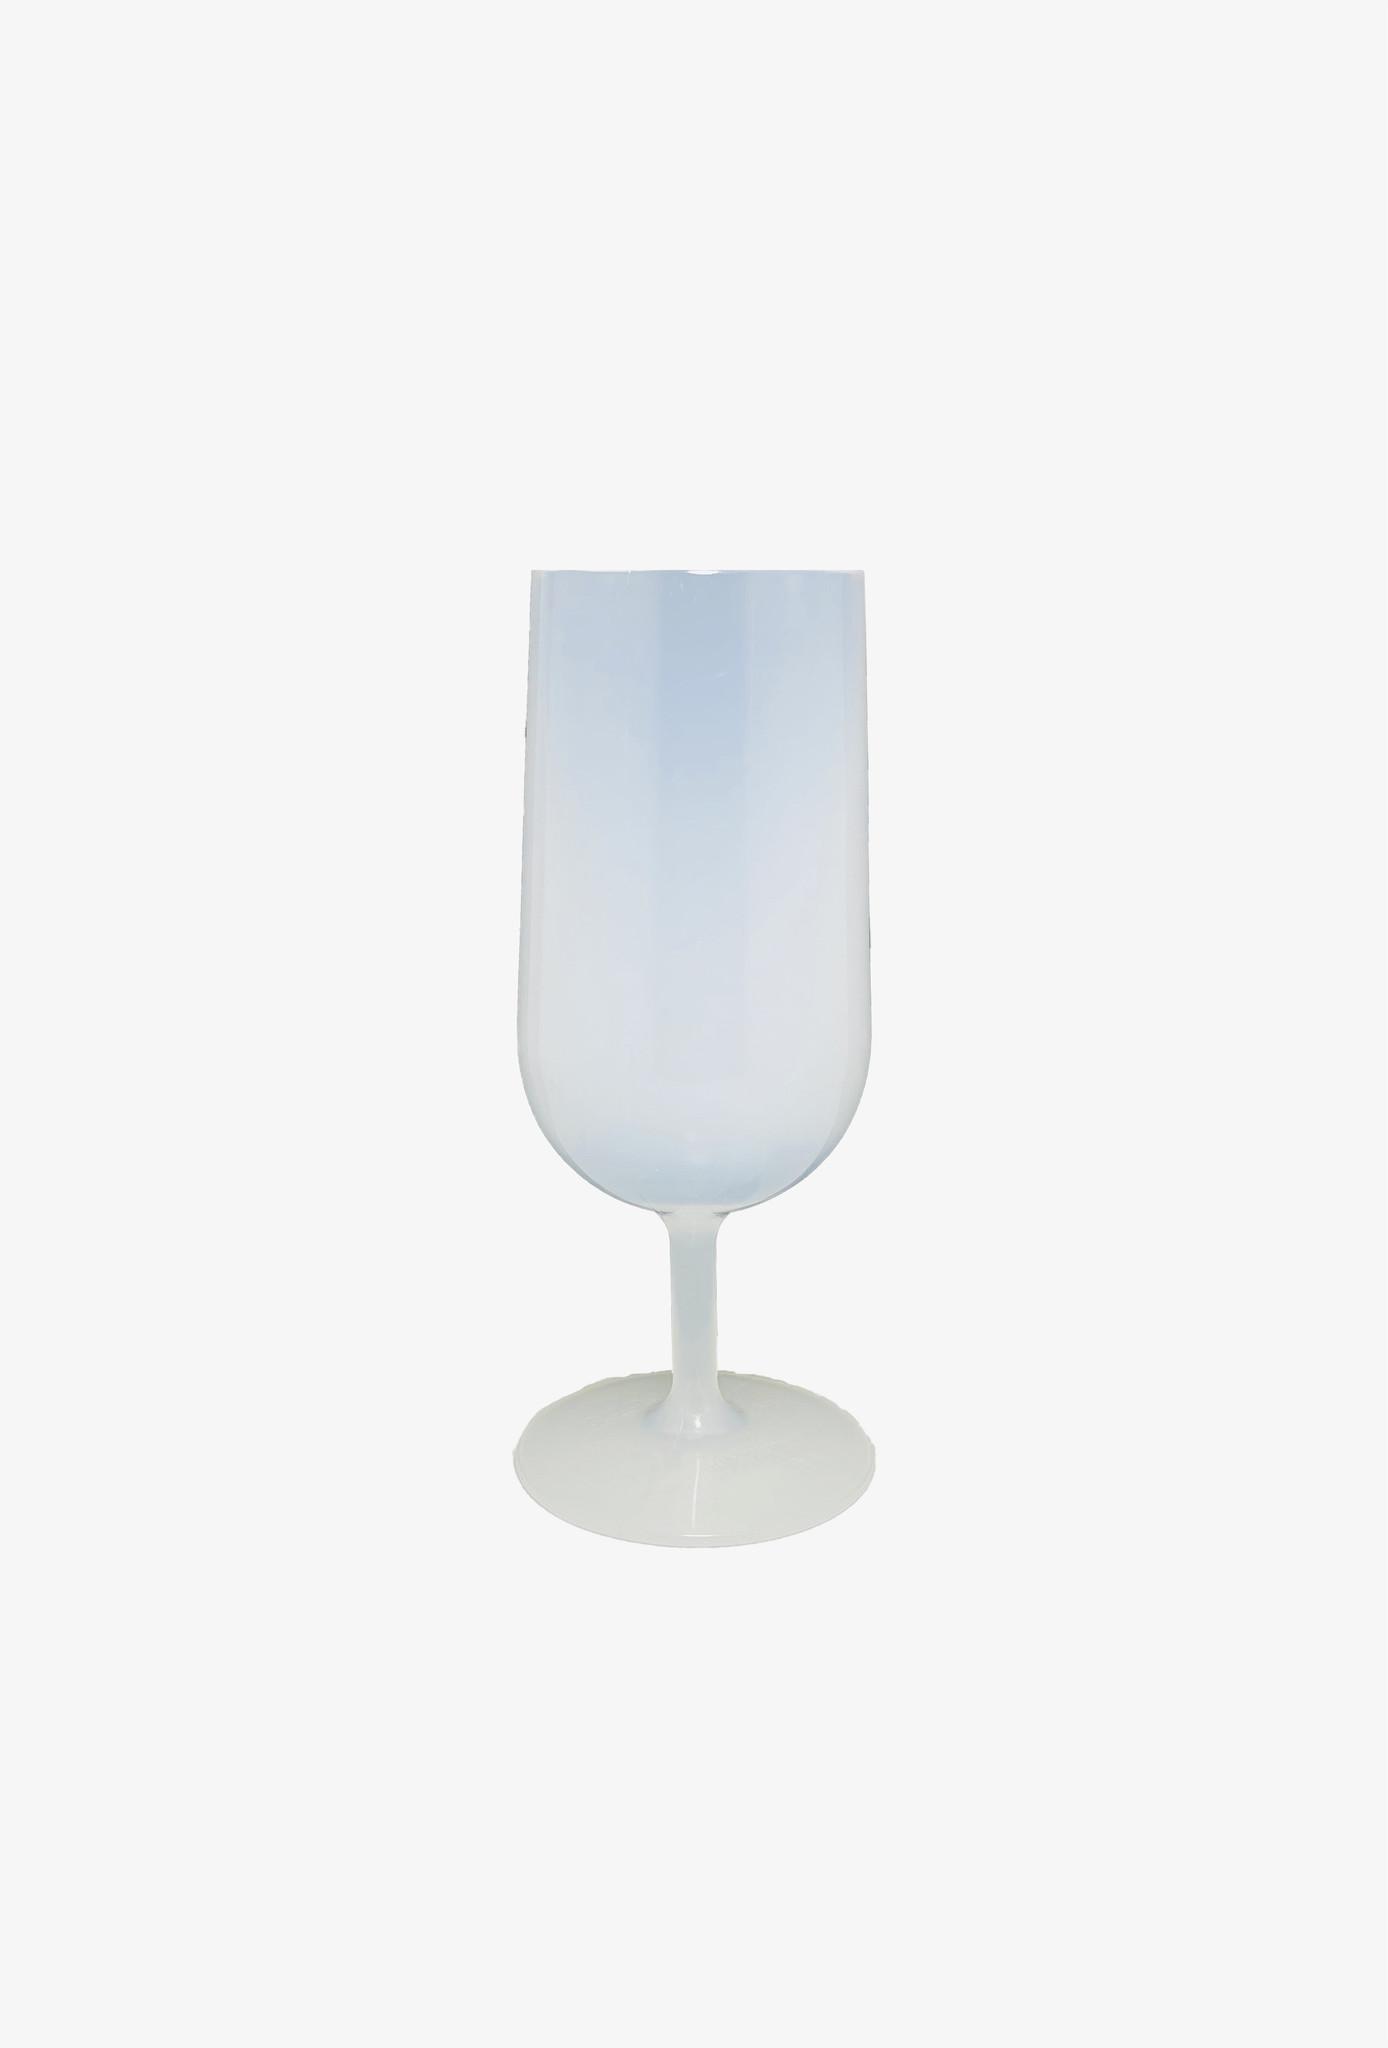 EcoVin translucide (15cl/5oz) 50/boite